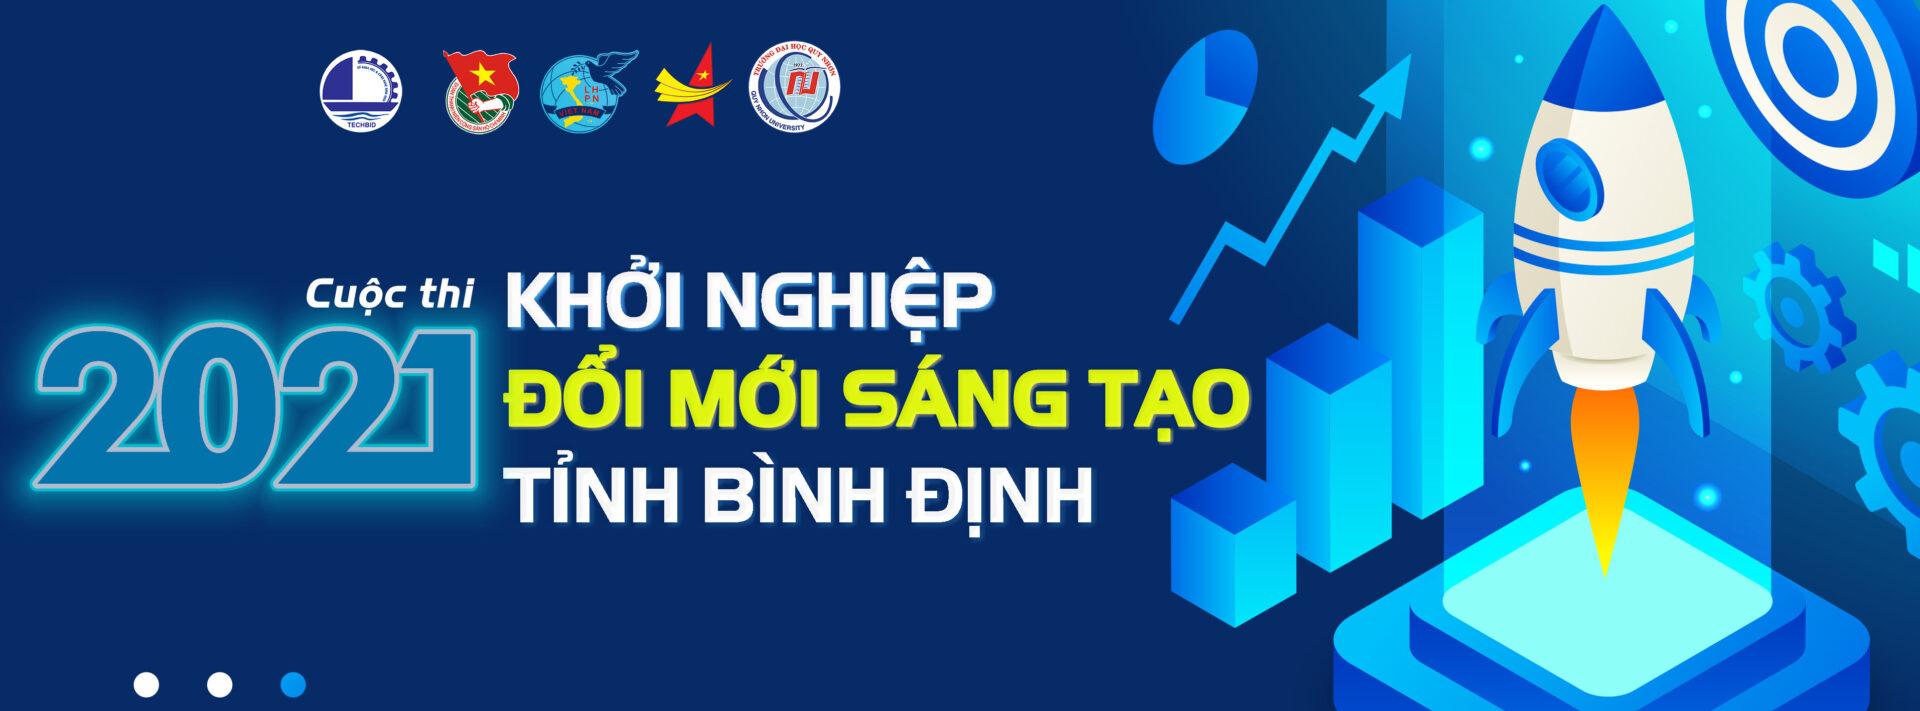 Cuộc thi Khởi nghiệp đổi mới sáng tạo tỉnh Bình Định năm 2021